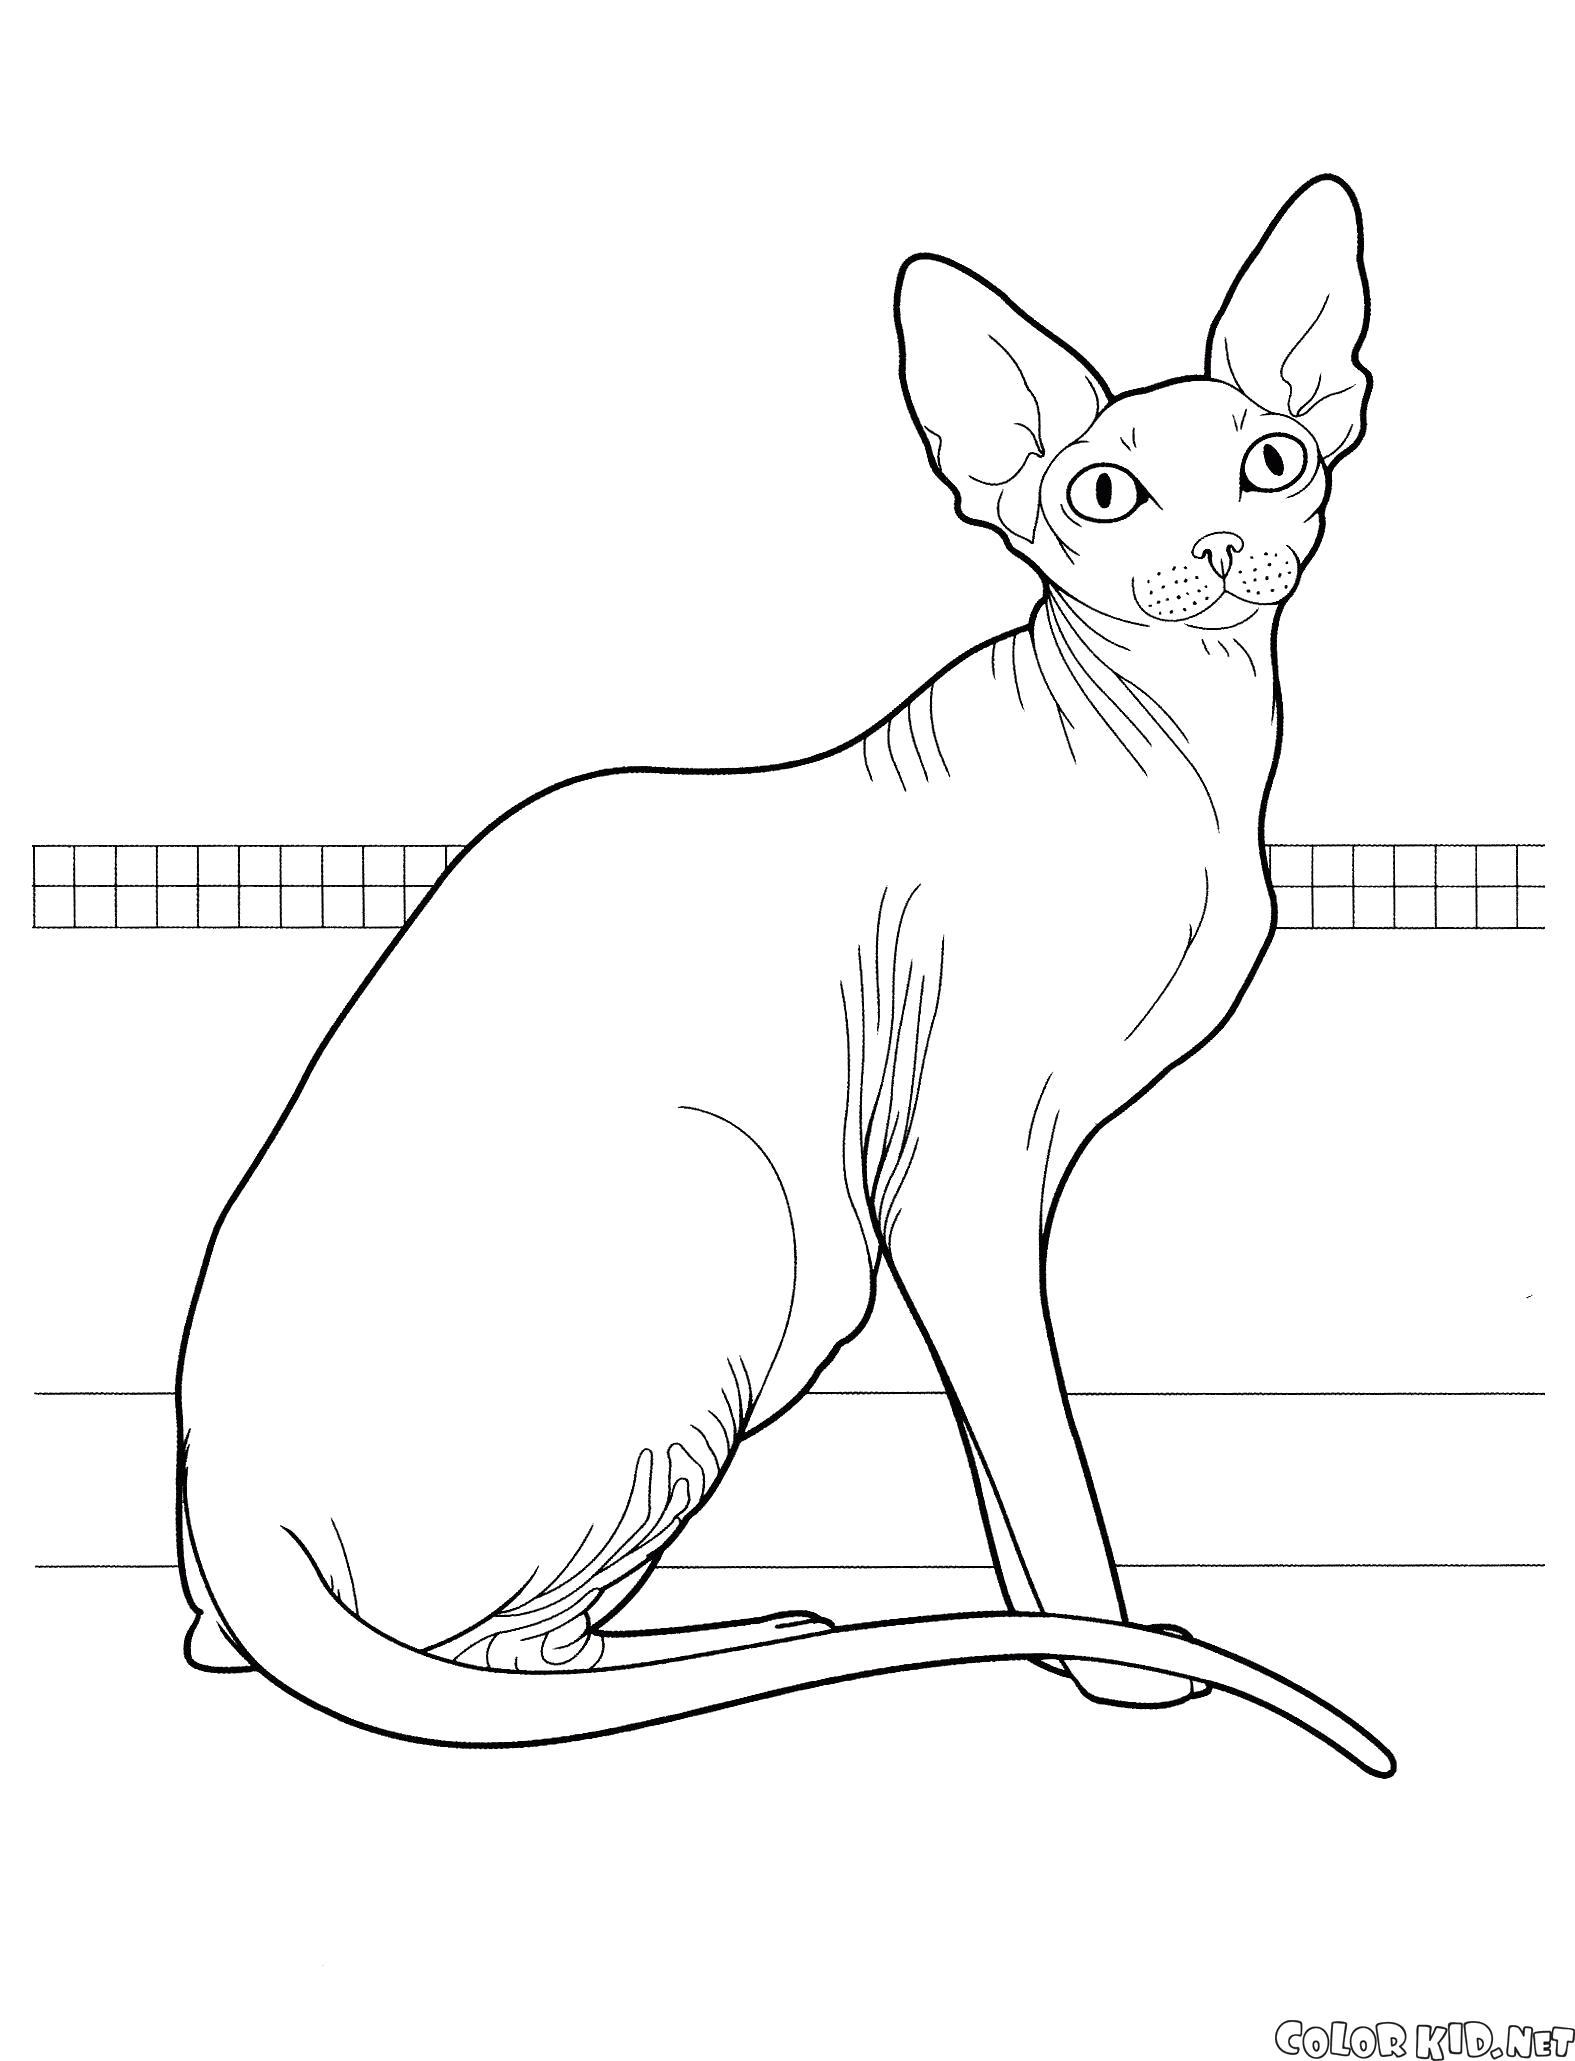 Раскраска Канадский сфинкс. Скачать кошка.  Распечатать кошка